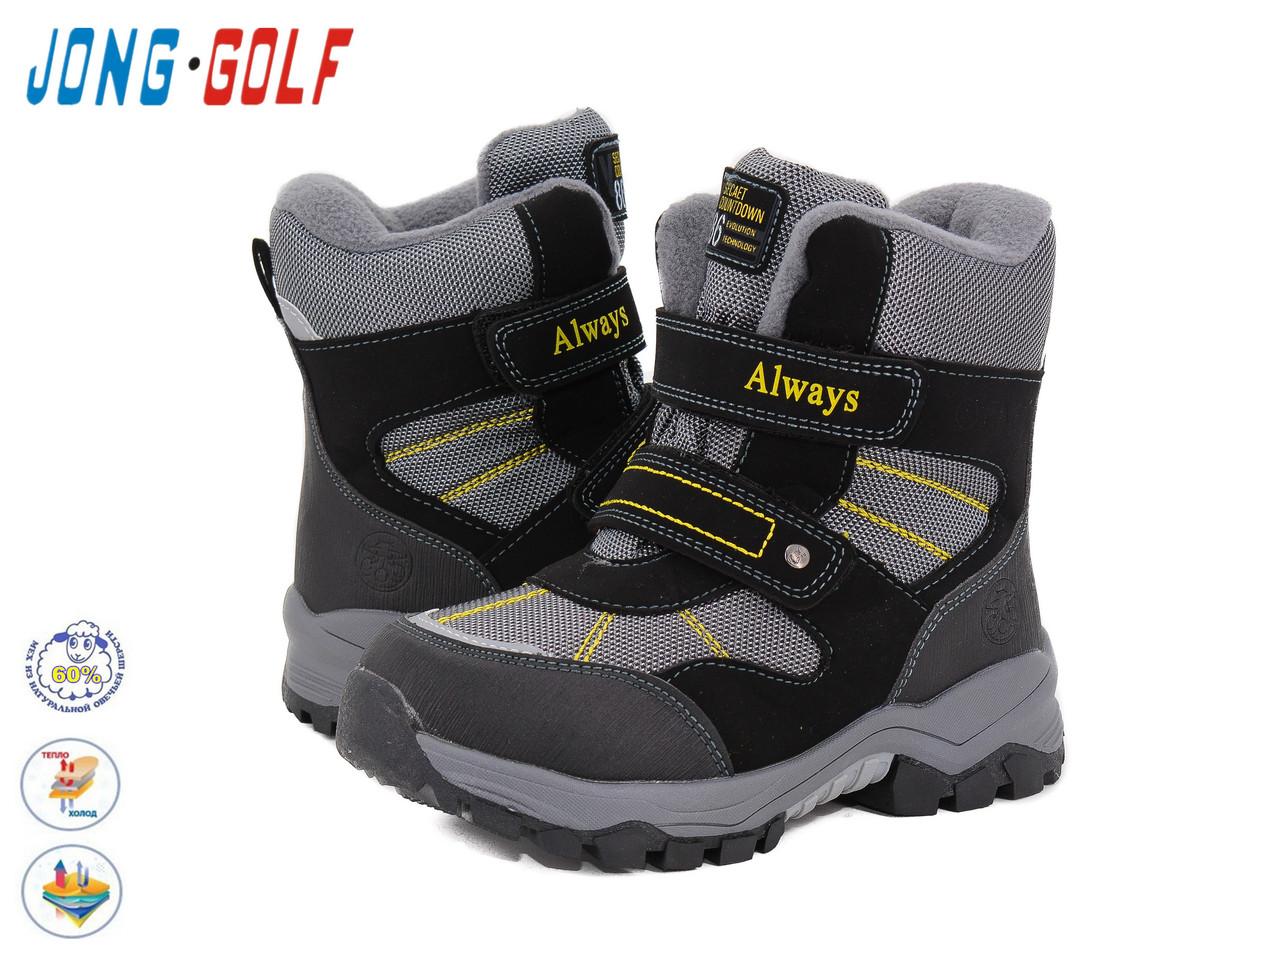 b98d8afe2 Зимняя обувь 2018. Детские сноубутсы для мальчиков от бренда JONG.GOLF (размеры  32 - 37 )